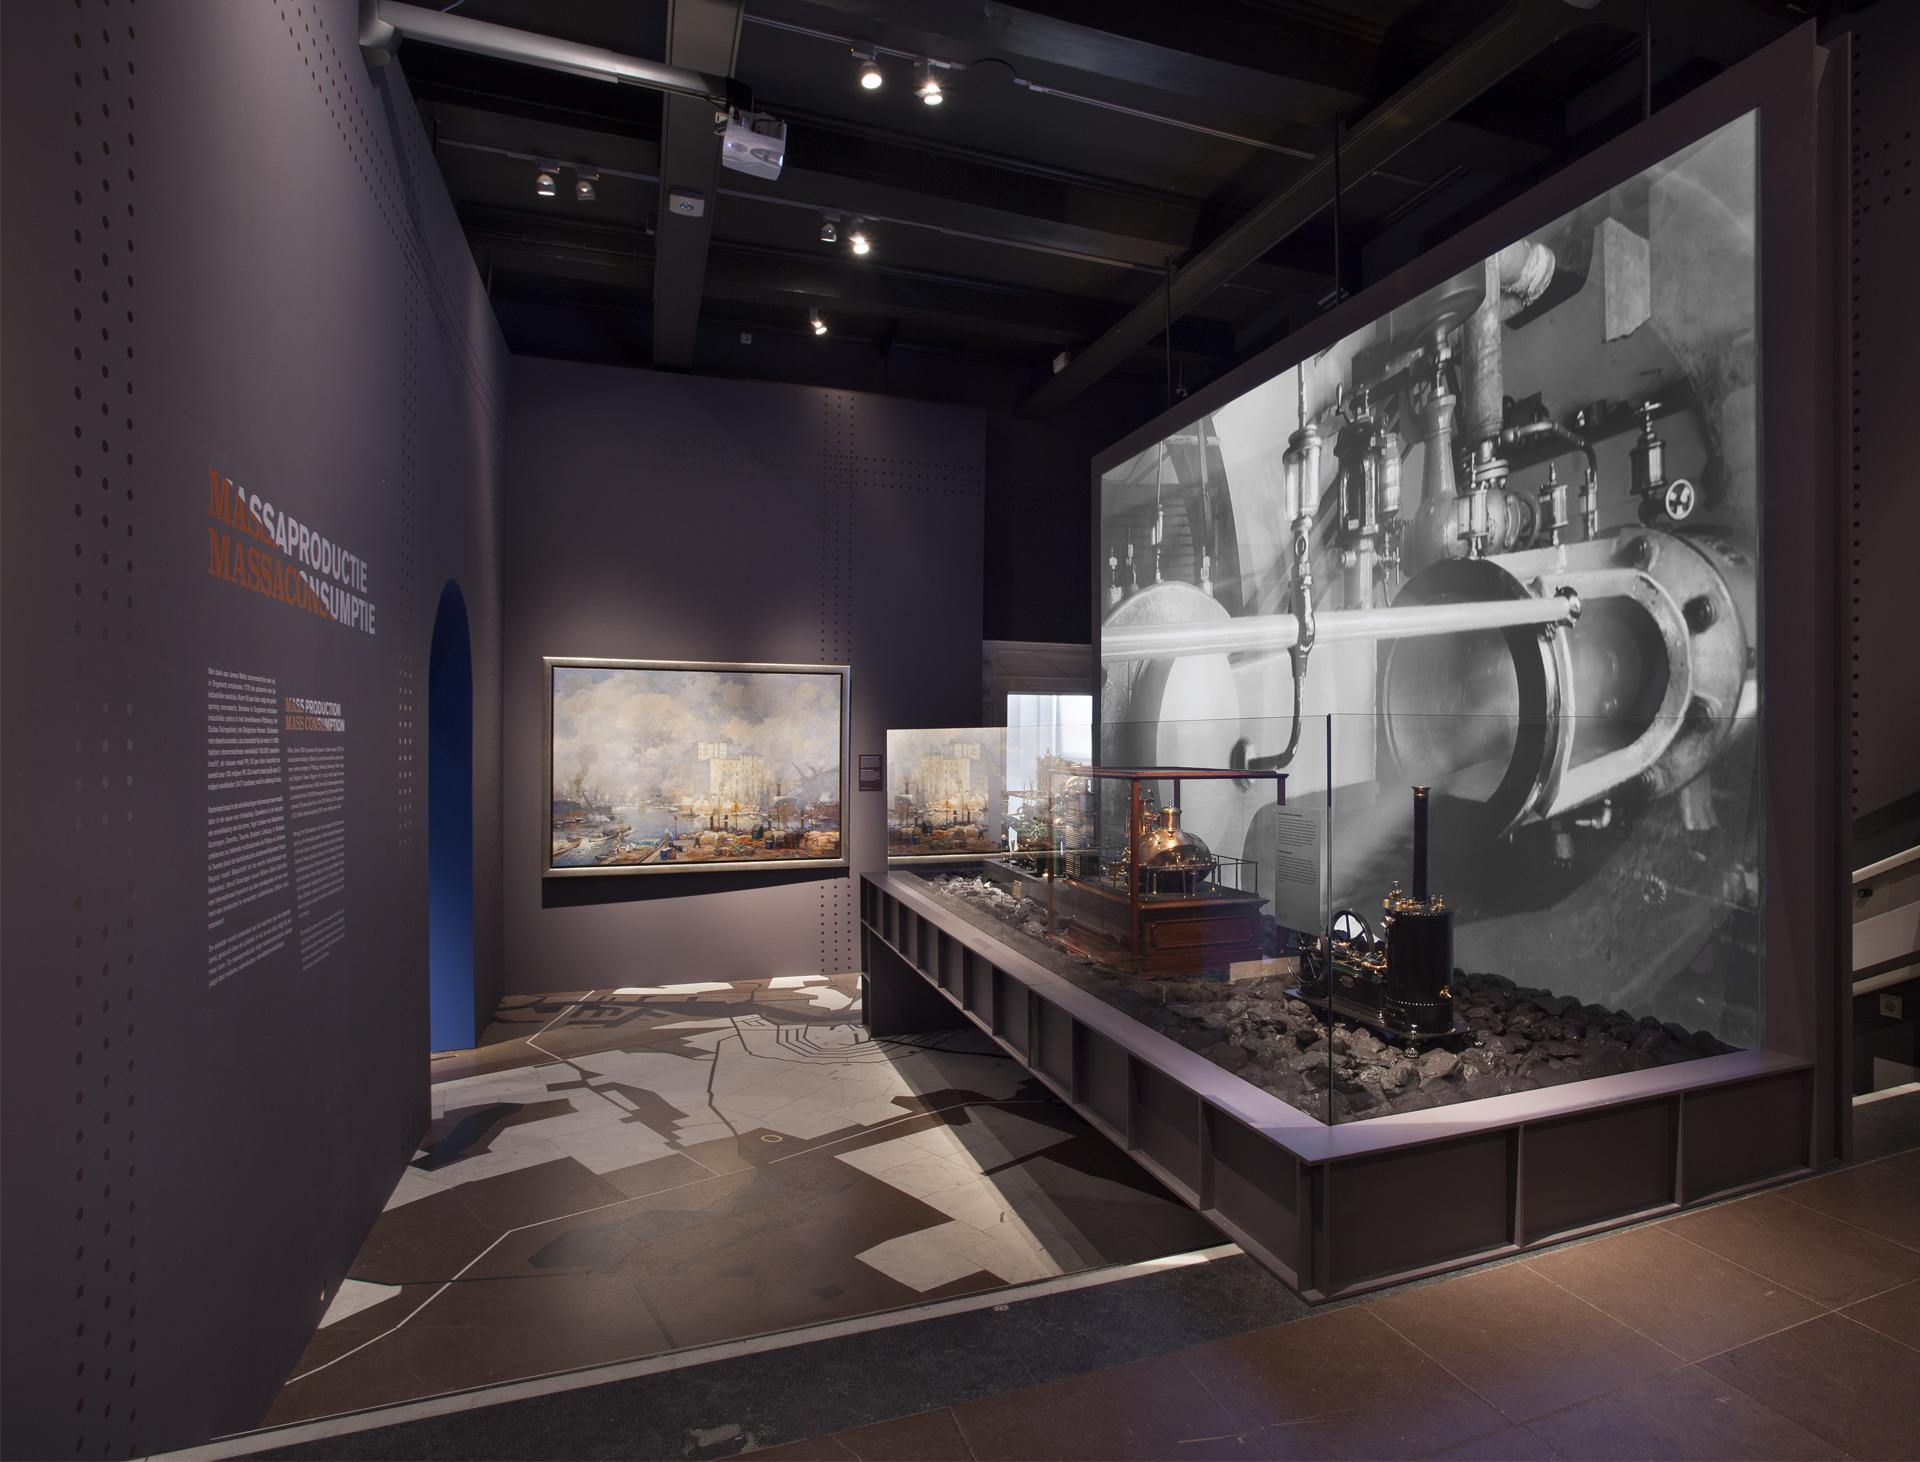 tentoonstellingsontwerp ijzeren eeuw amsterdam museum 07b2 jpg